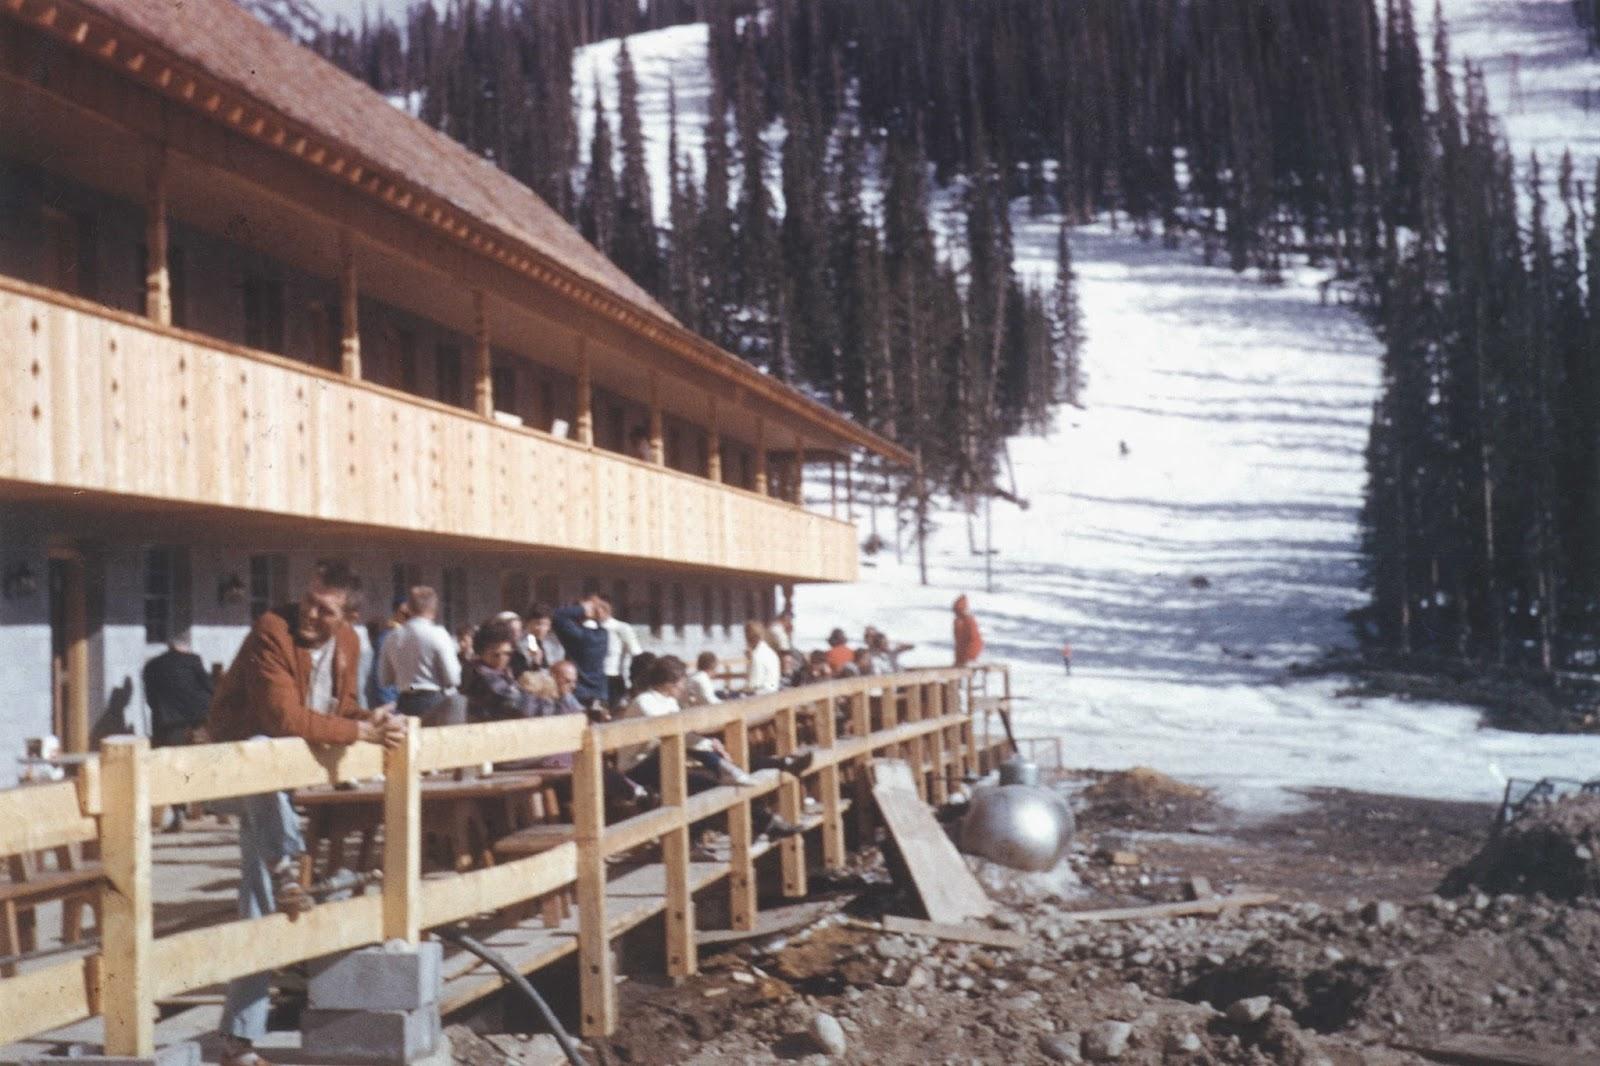 al 39 s blog lodging at a basin